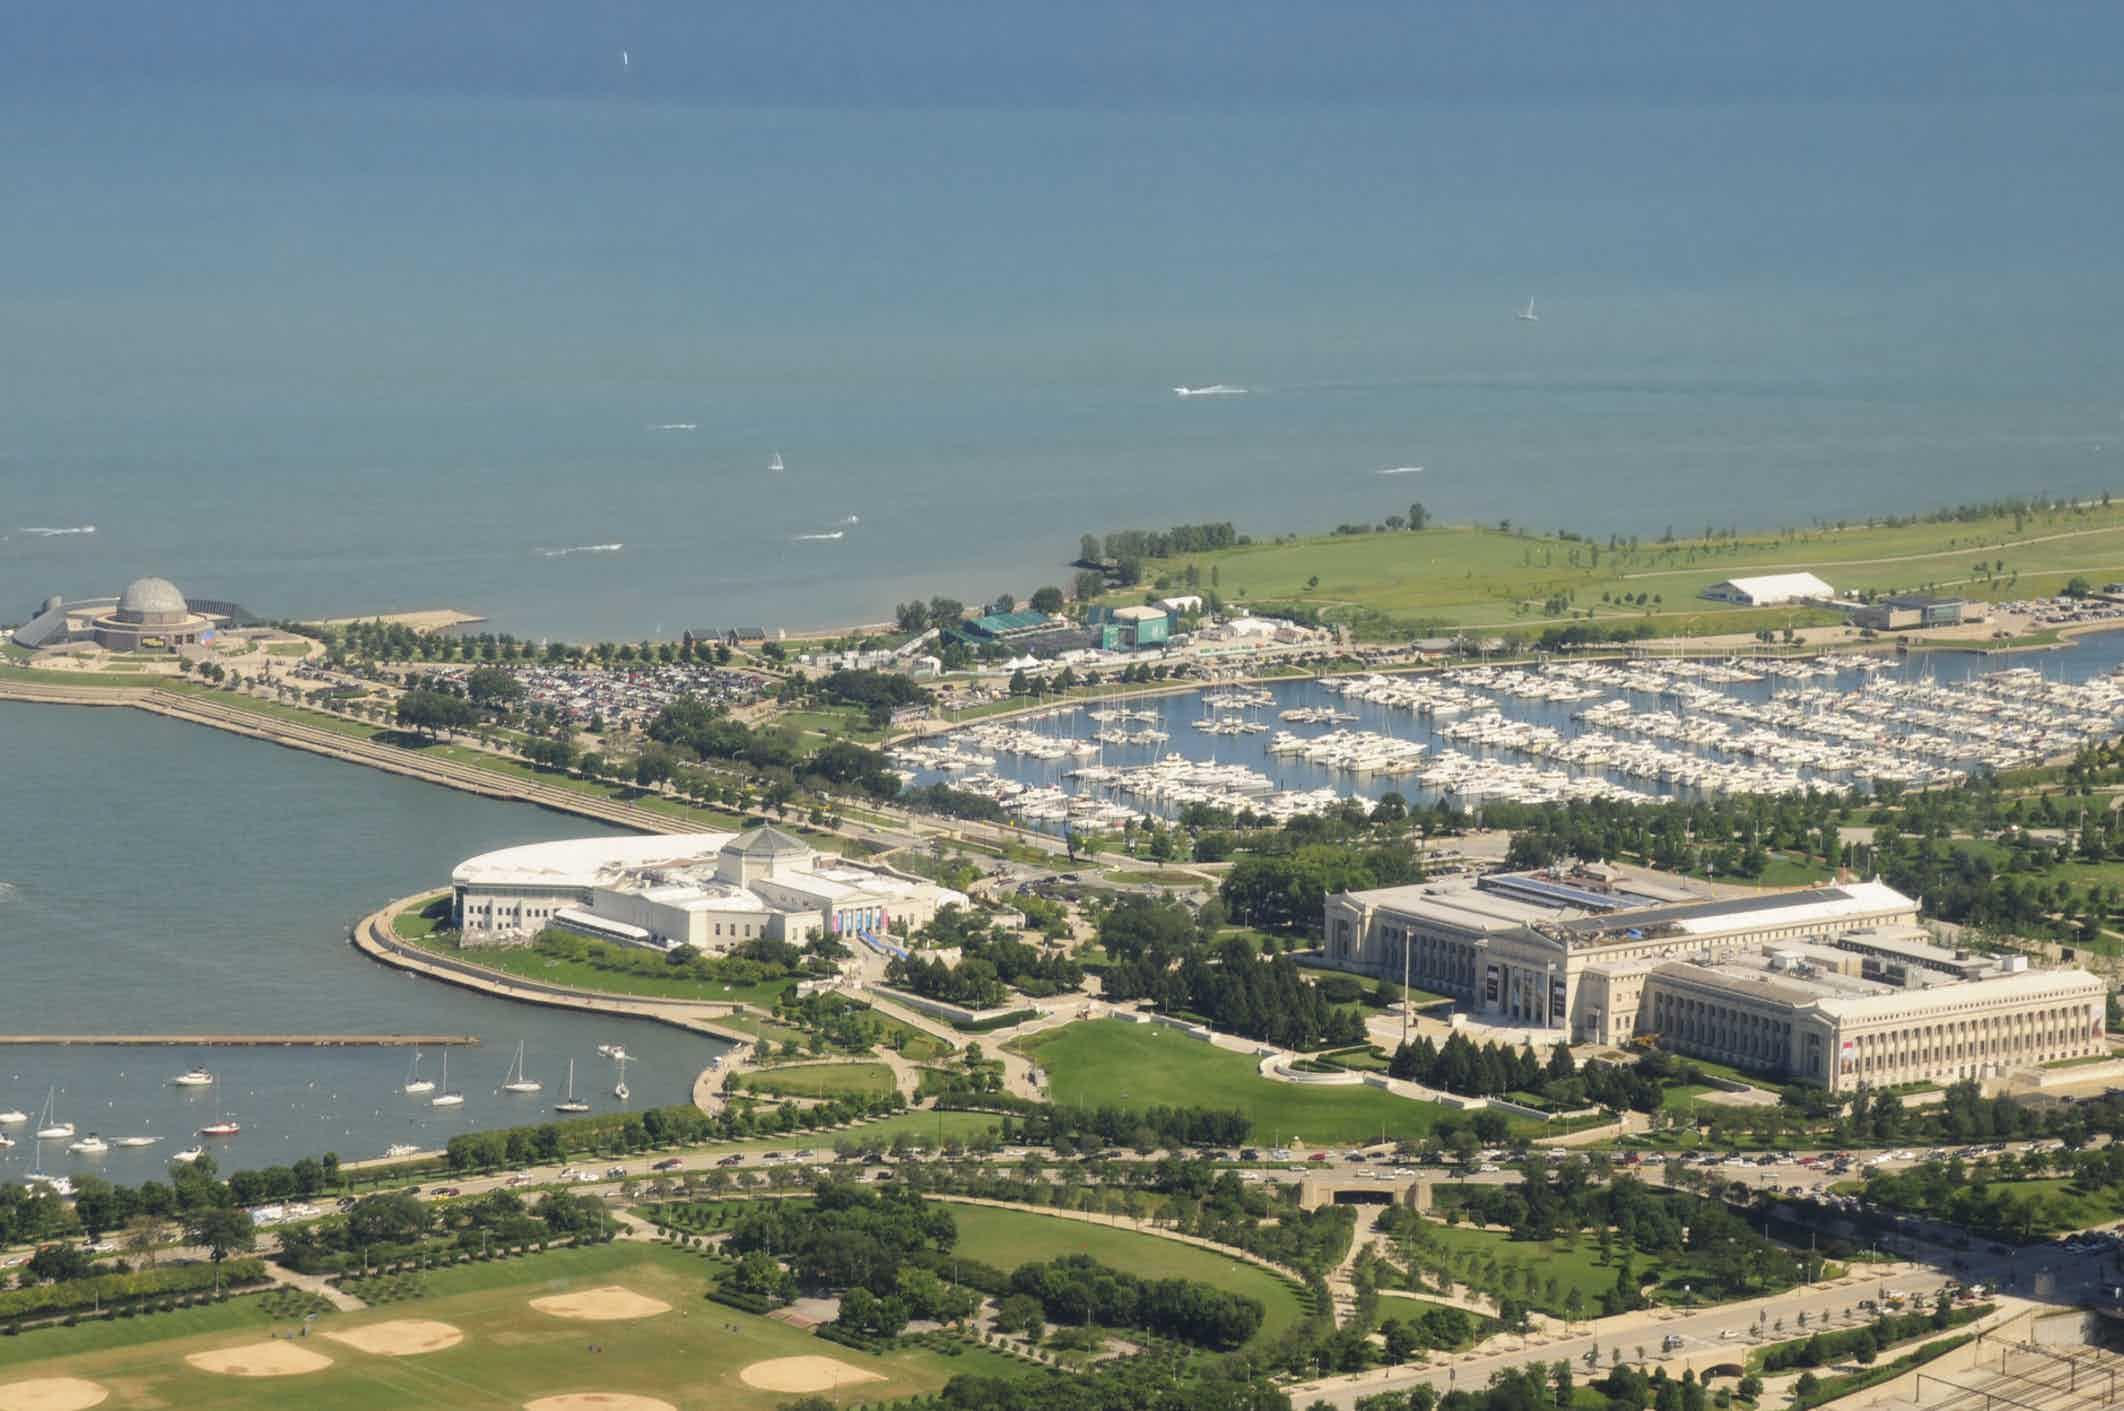 Aerial view of Museum Campus